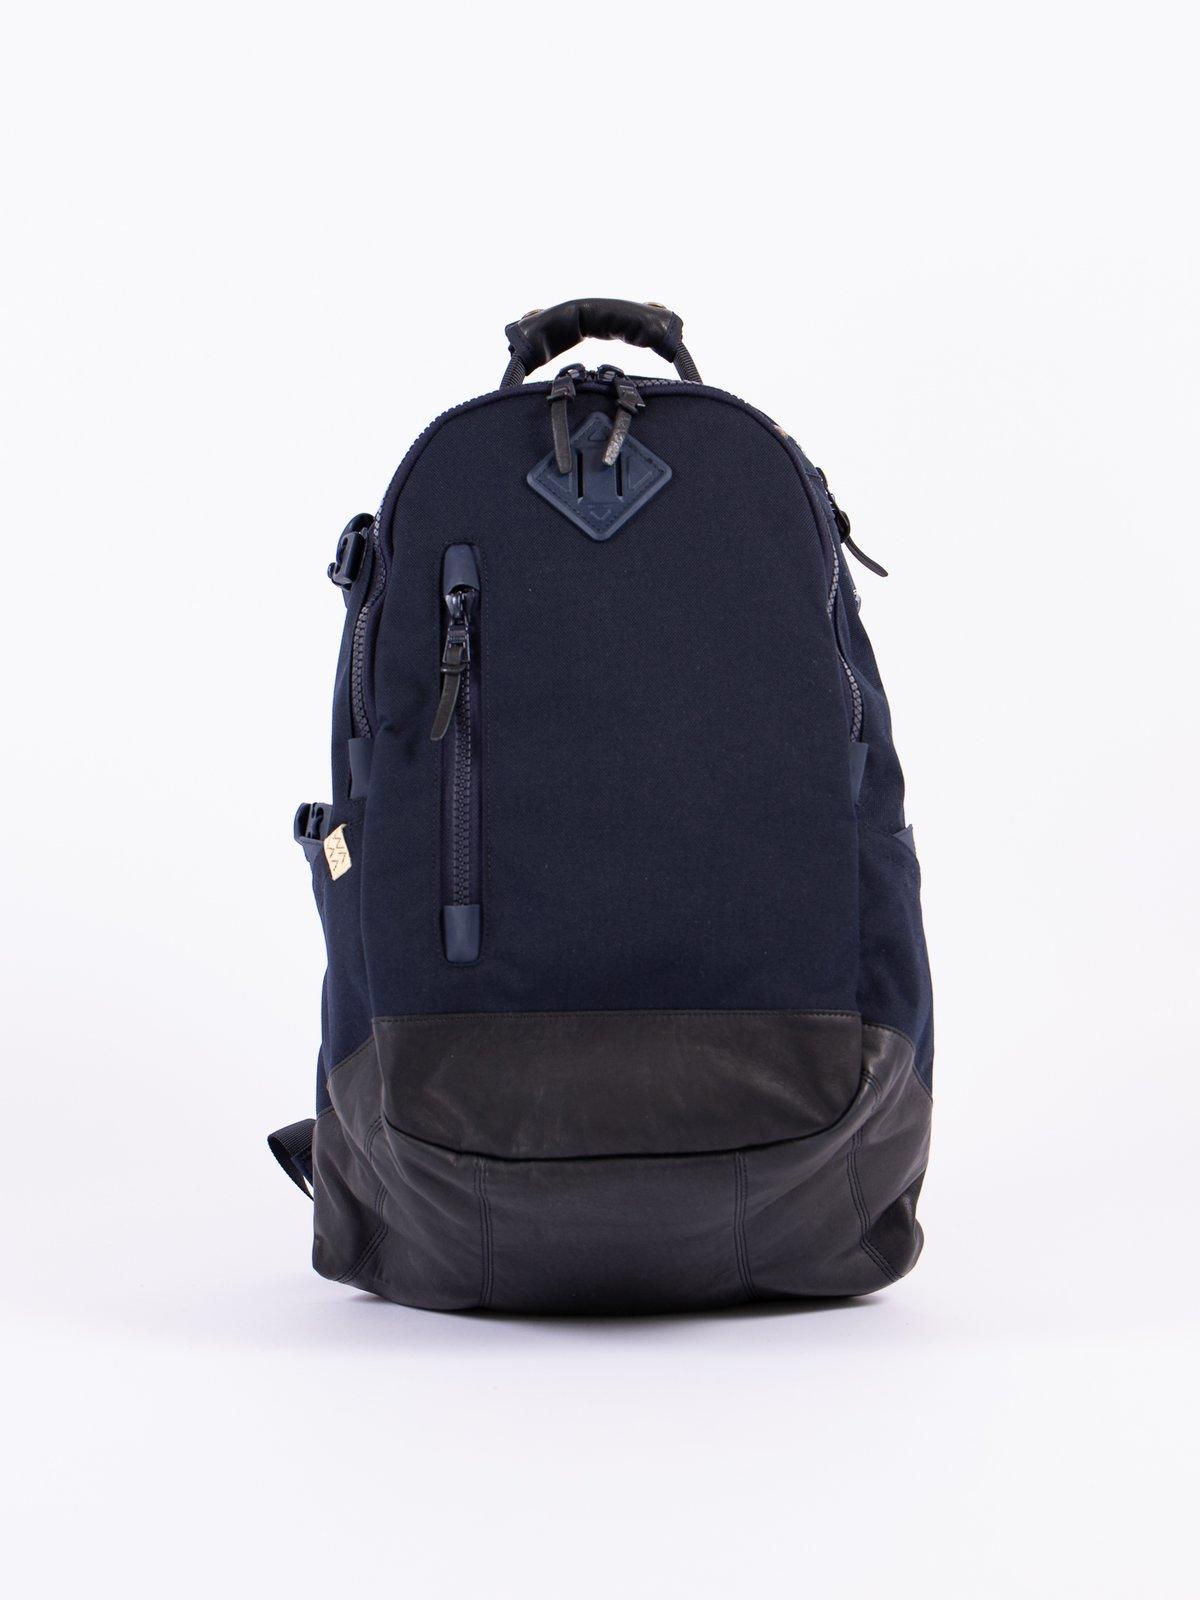 Navy Fra Veg Lamb 20L Cordura Backpack - Image 1